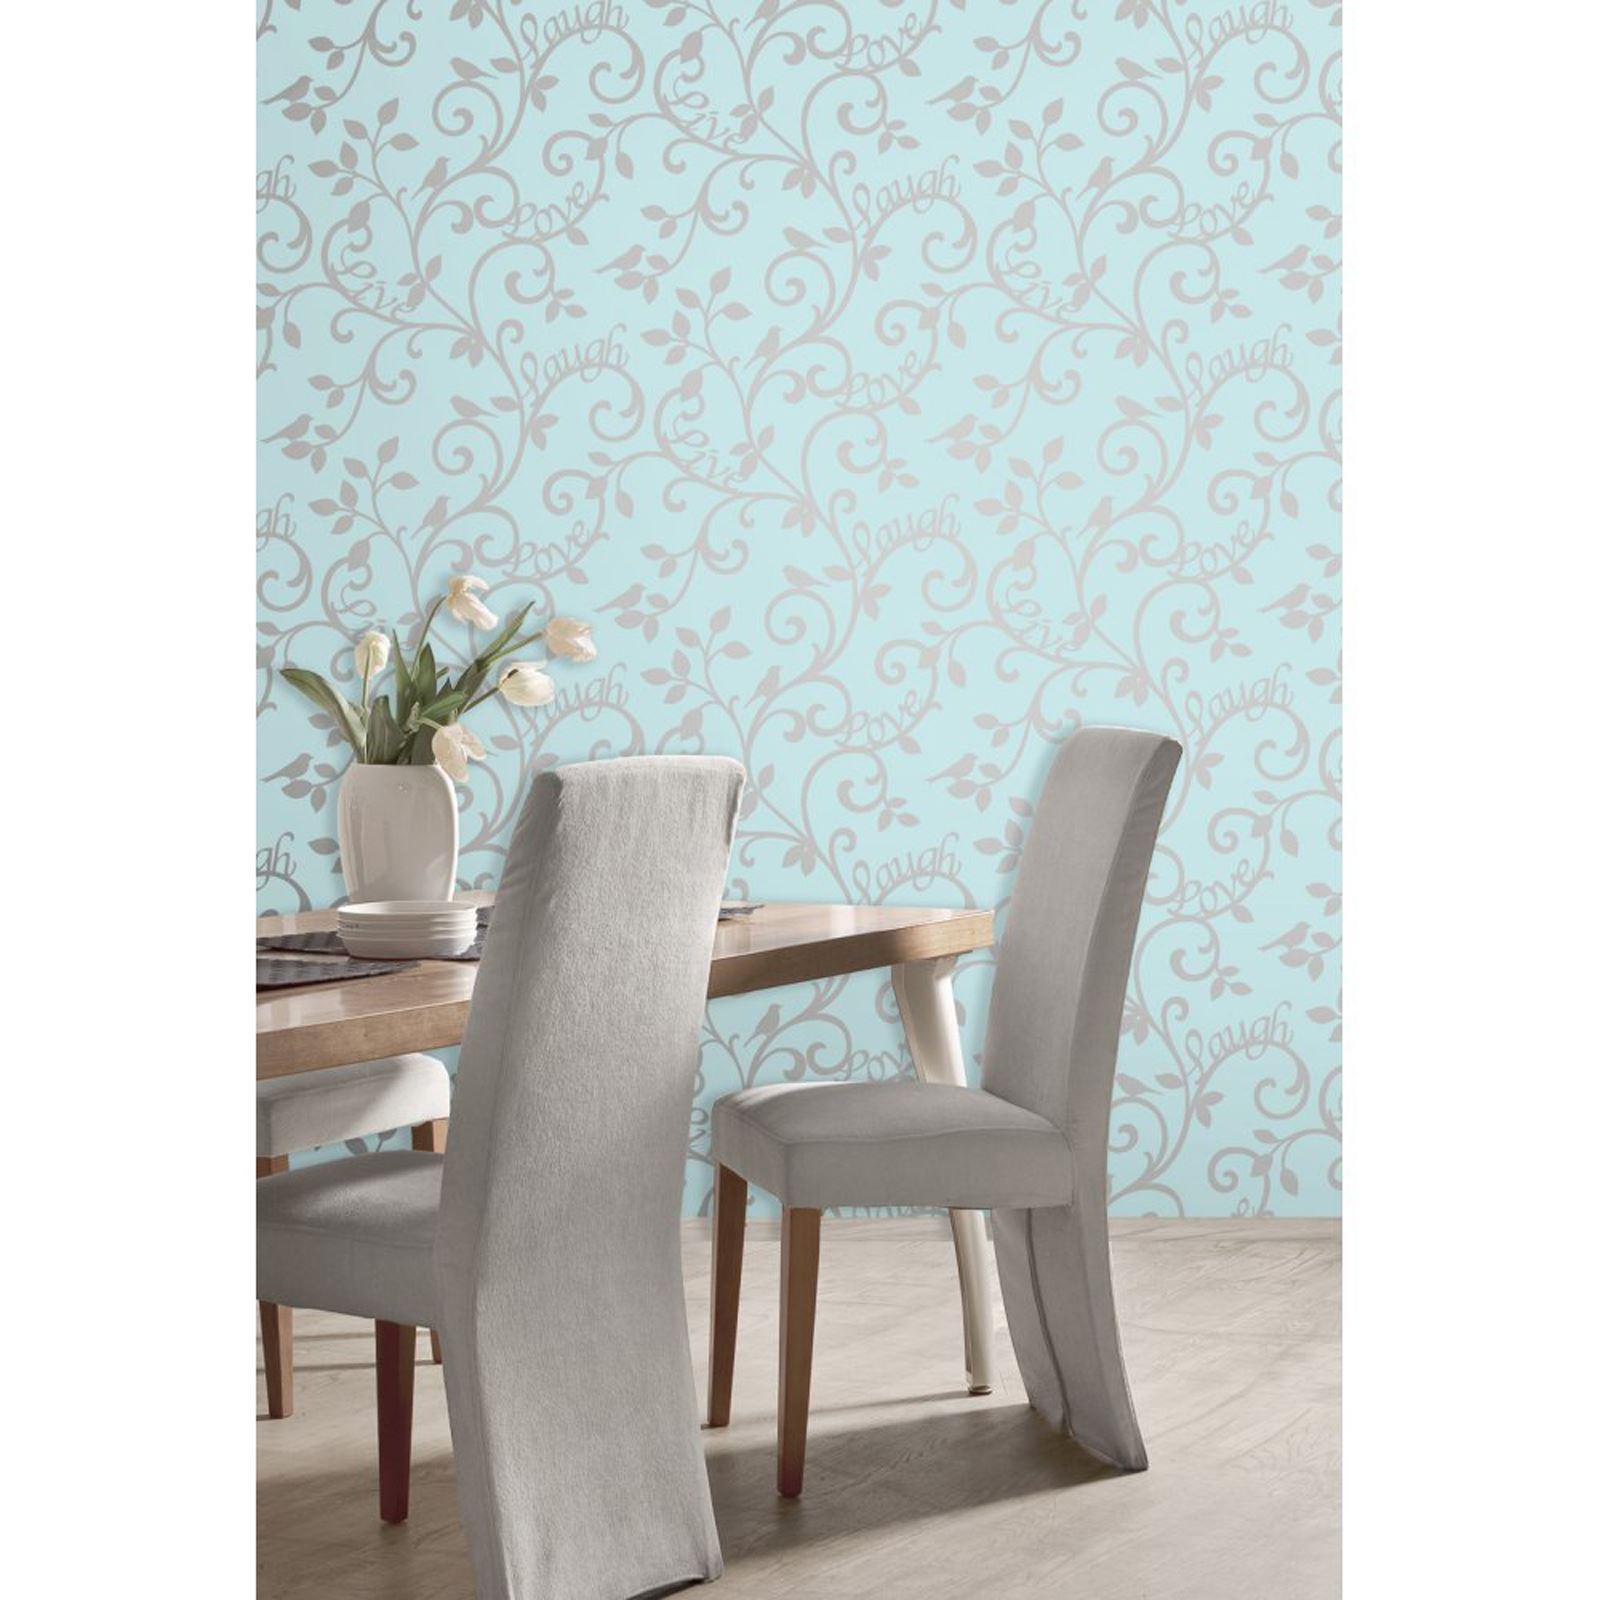 Simple Wallpaper Grey Duck Egg Blue - b356e3ef-de47-44e3-95dd-79c35f6f17c2  You Should Have_745731.jpg